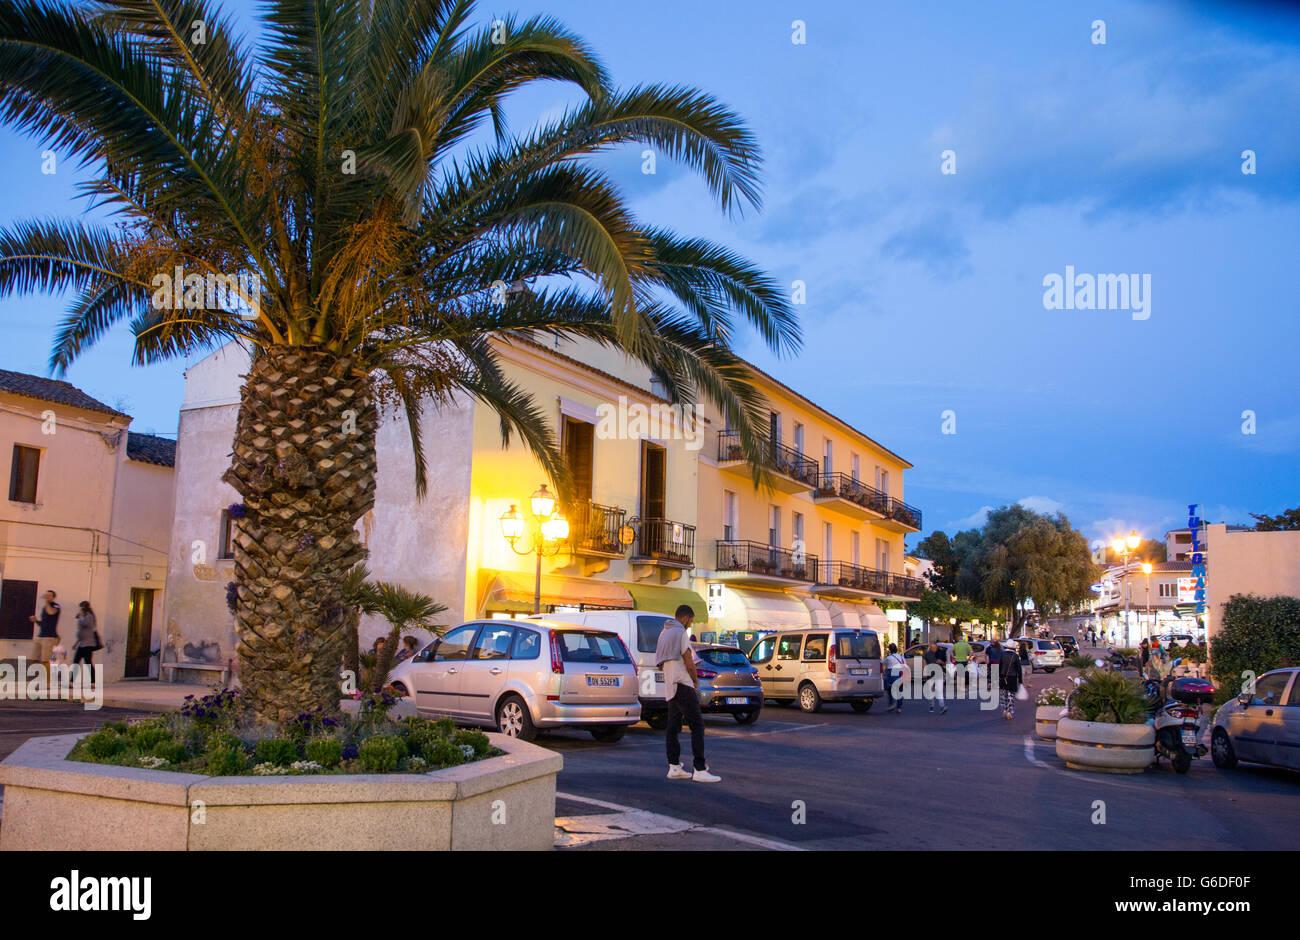 San Teodoro at Night Sardinia Italy - Stock Image